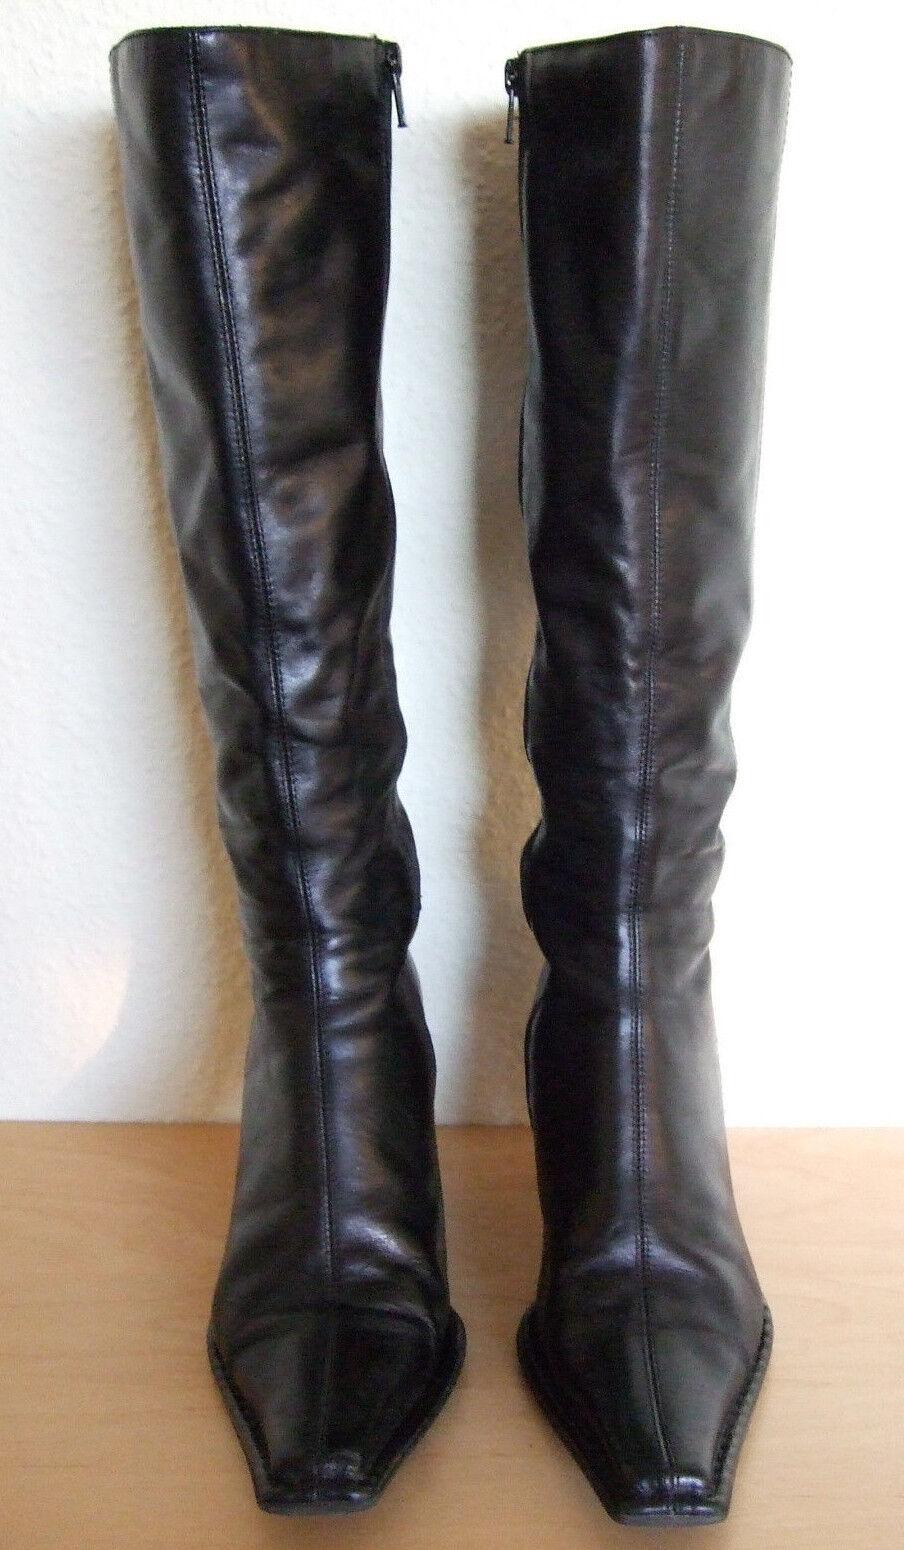 Damen Lederstiefel von Görtz Schuhes schwarz Gr.38